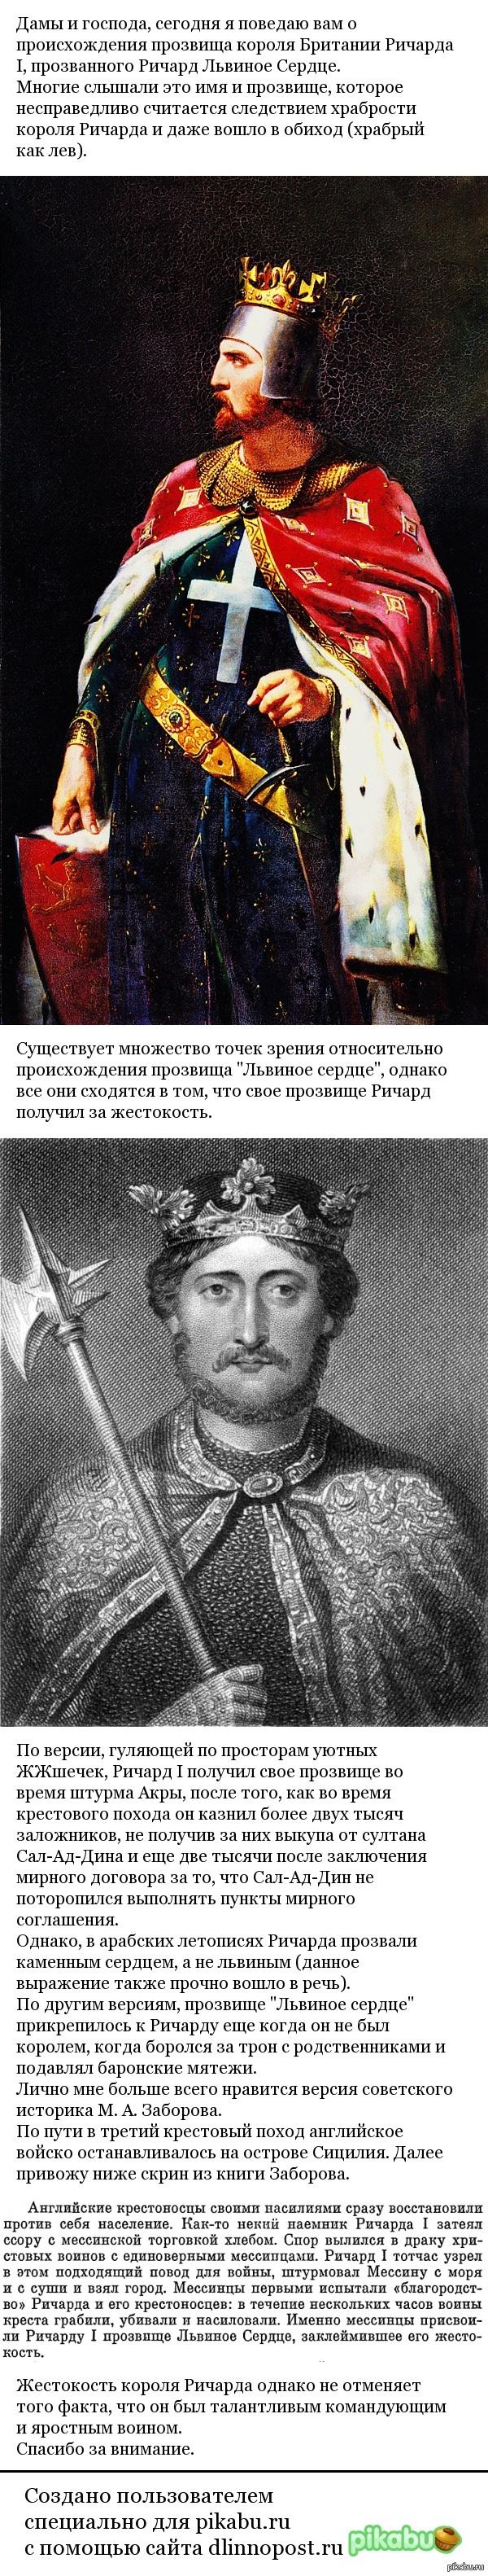 Ричард Львиное Сердце История прозвища